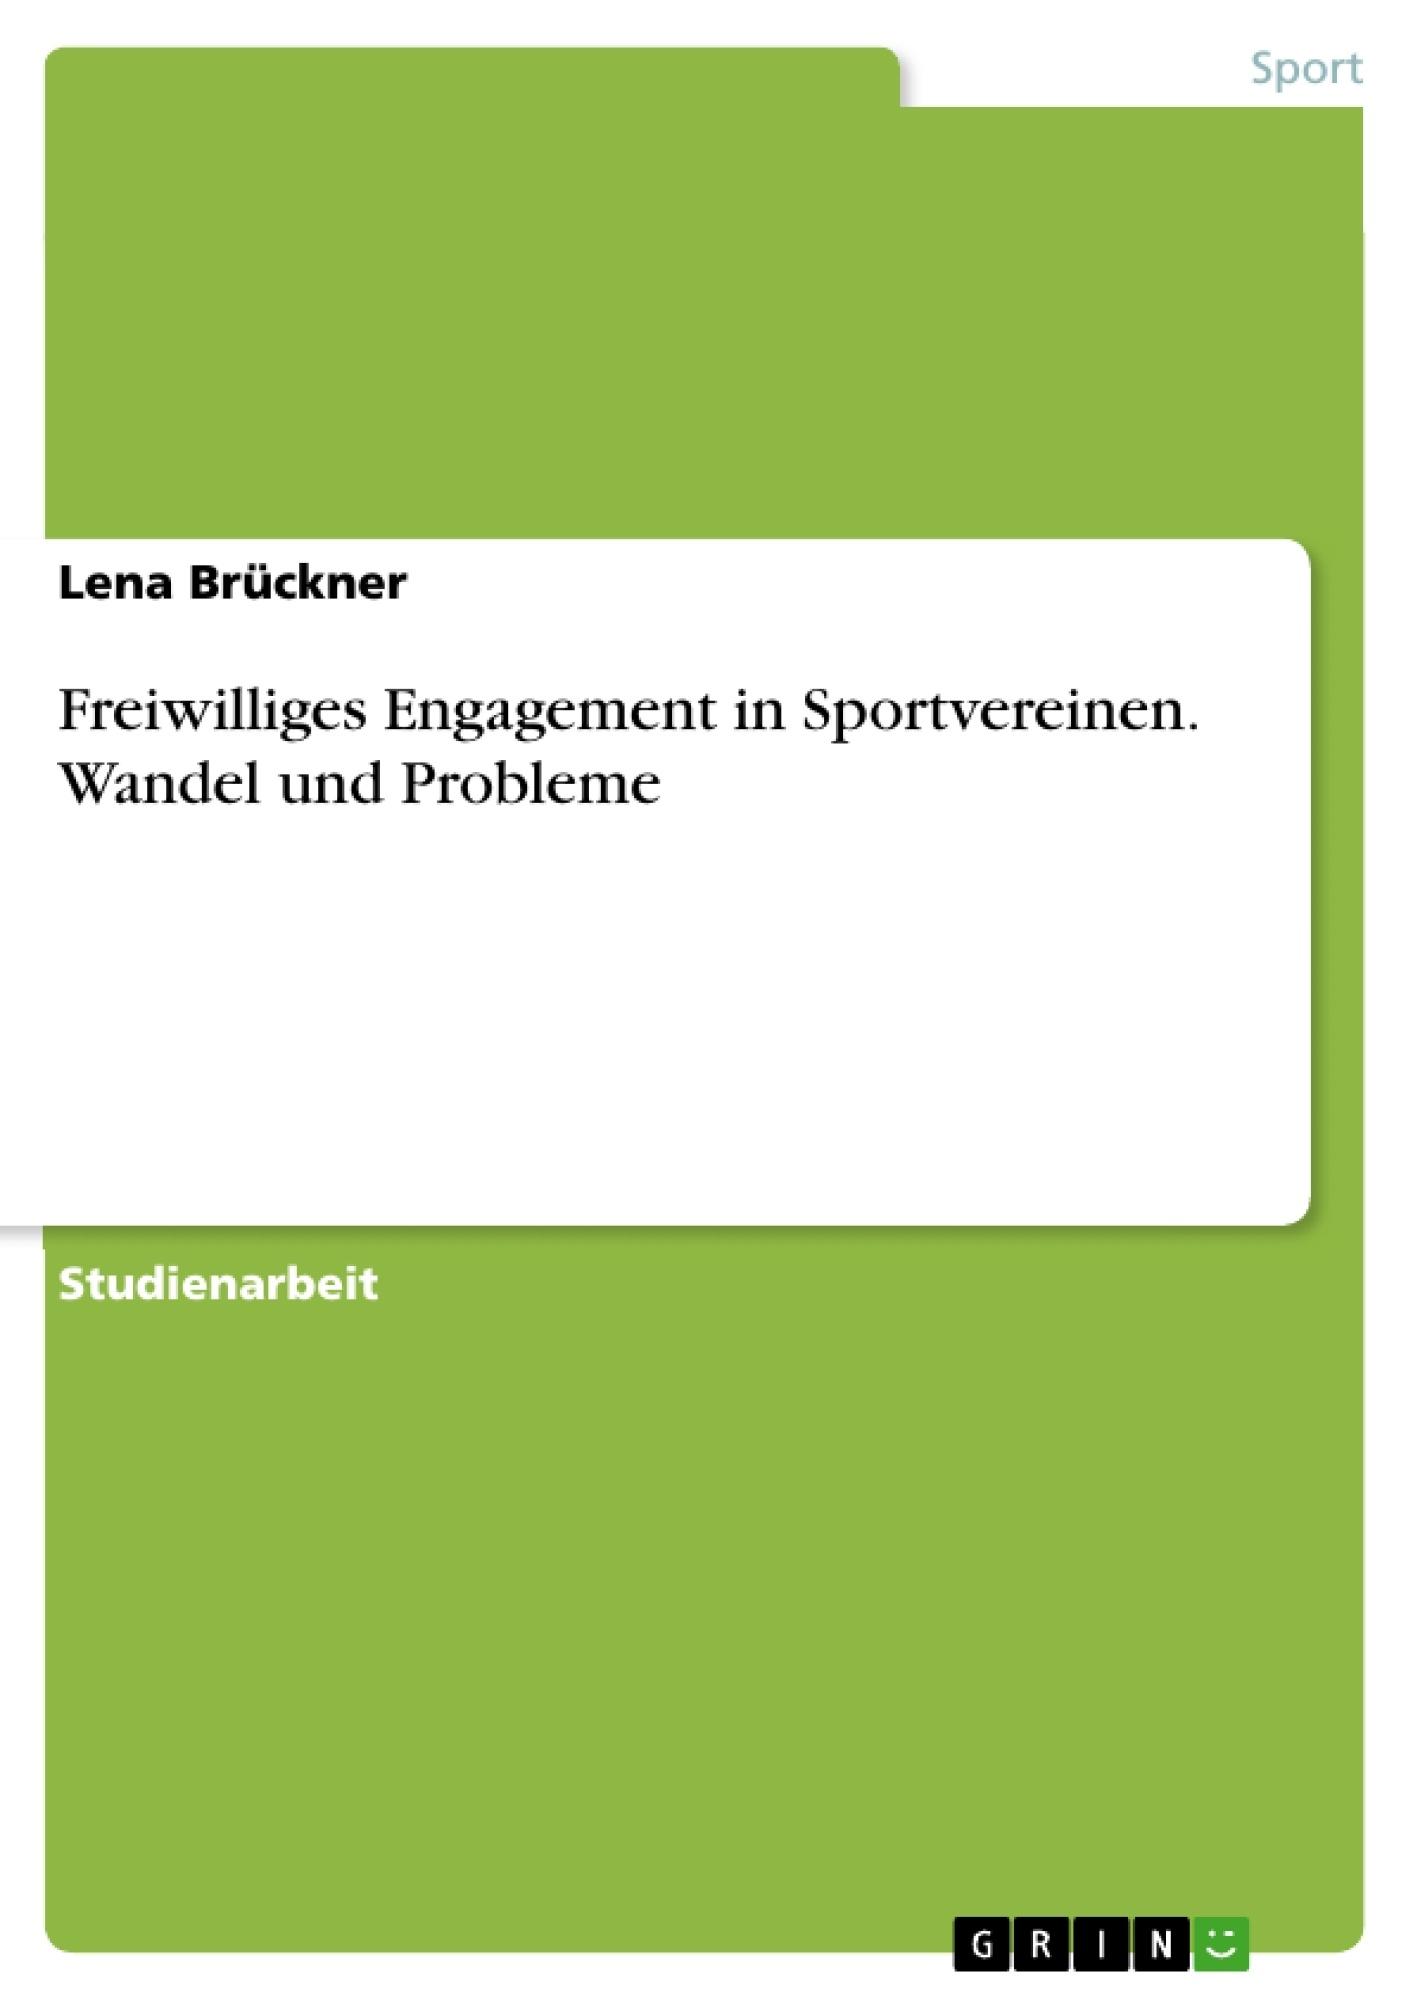 Titel: Freiwilliges Engagement in Sportvereinen. Wandel und Probleme